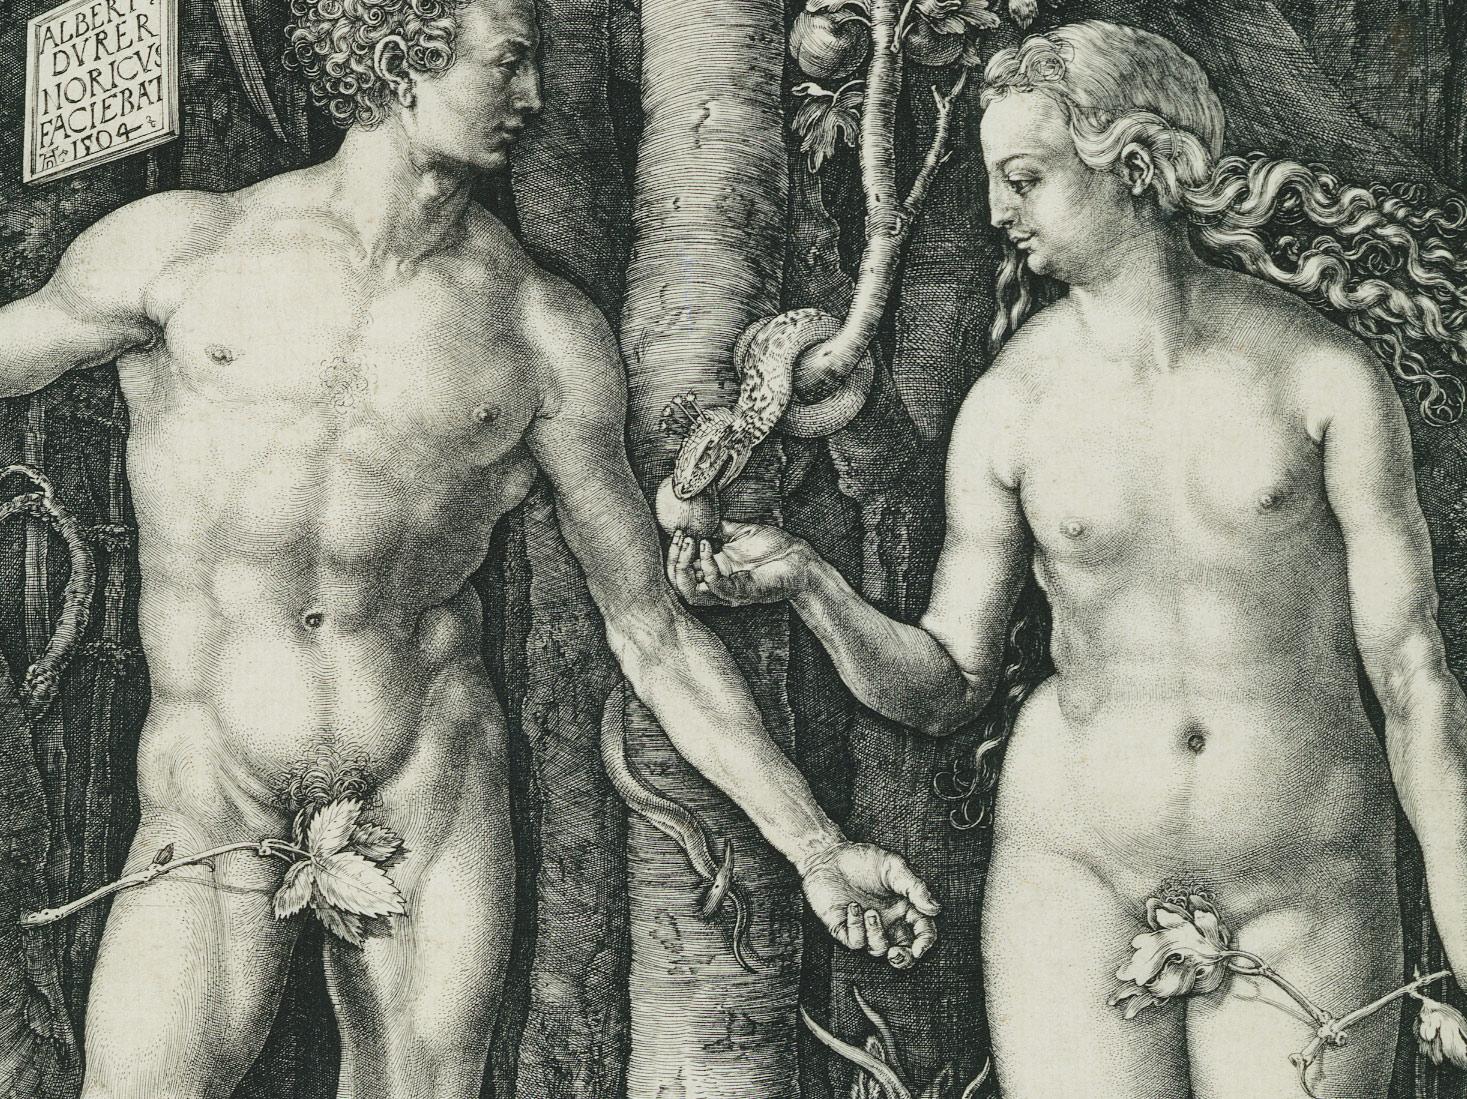 Catégories sexuelles